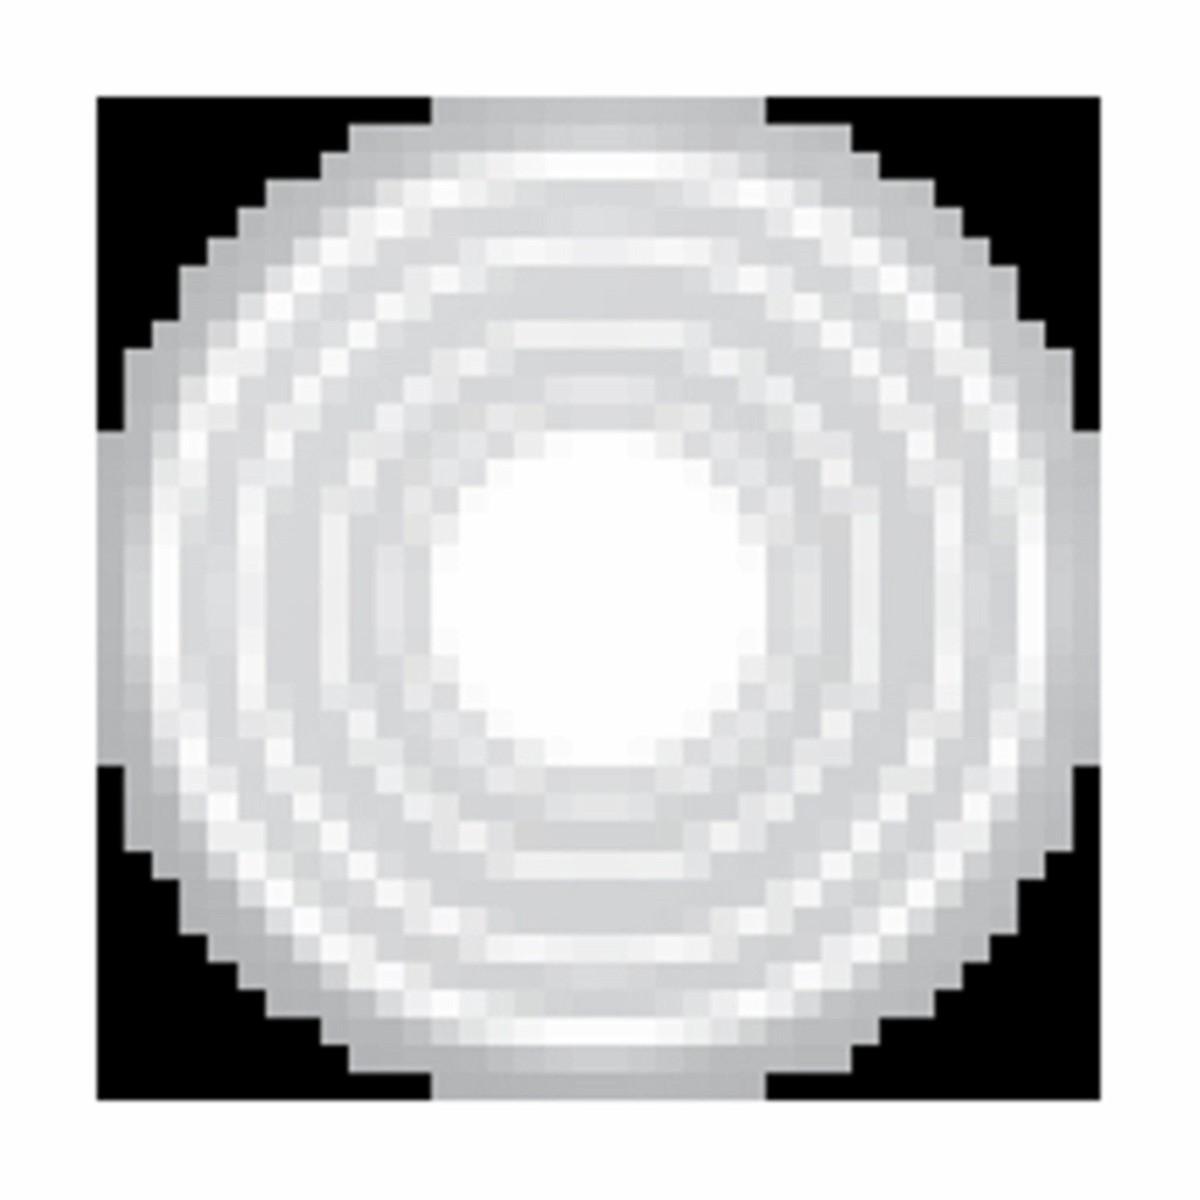 Full Size of Schlafzimmer Tapeten 2020 Lampe Deckenlampe Massivholz Kronleuchter Set Weiß Stuhl Weißes Für Die Küche Landhaus Vorhänge Komplett Günstig Sessel Wohnzimmer Schlafzimmer Tapeten 2020